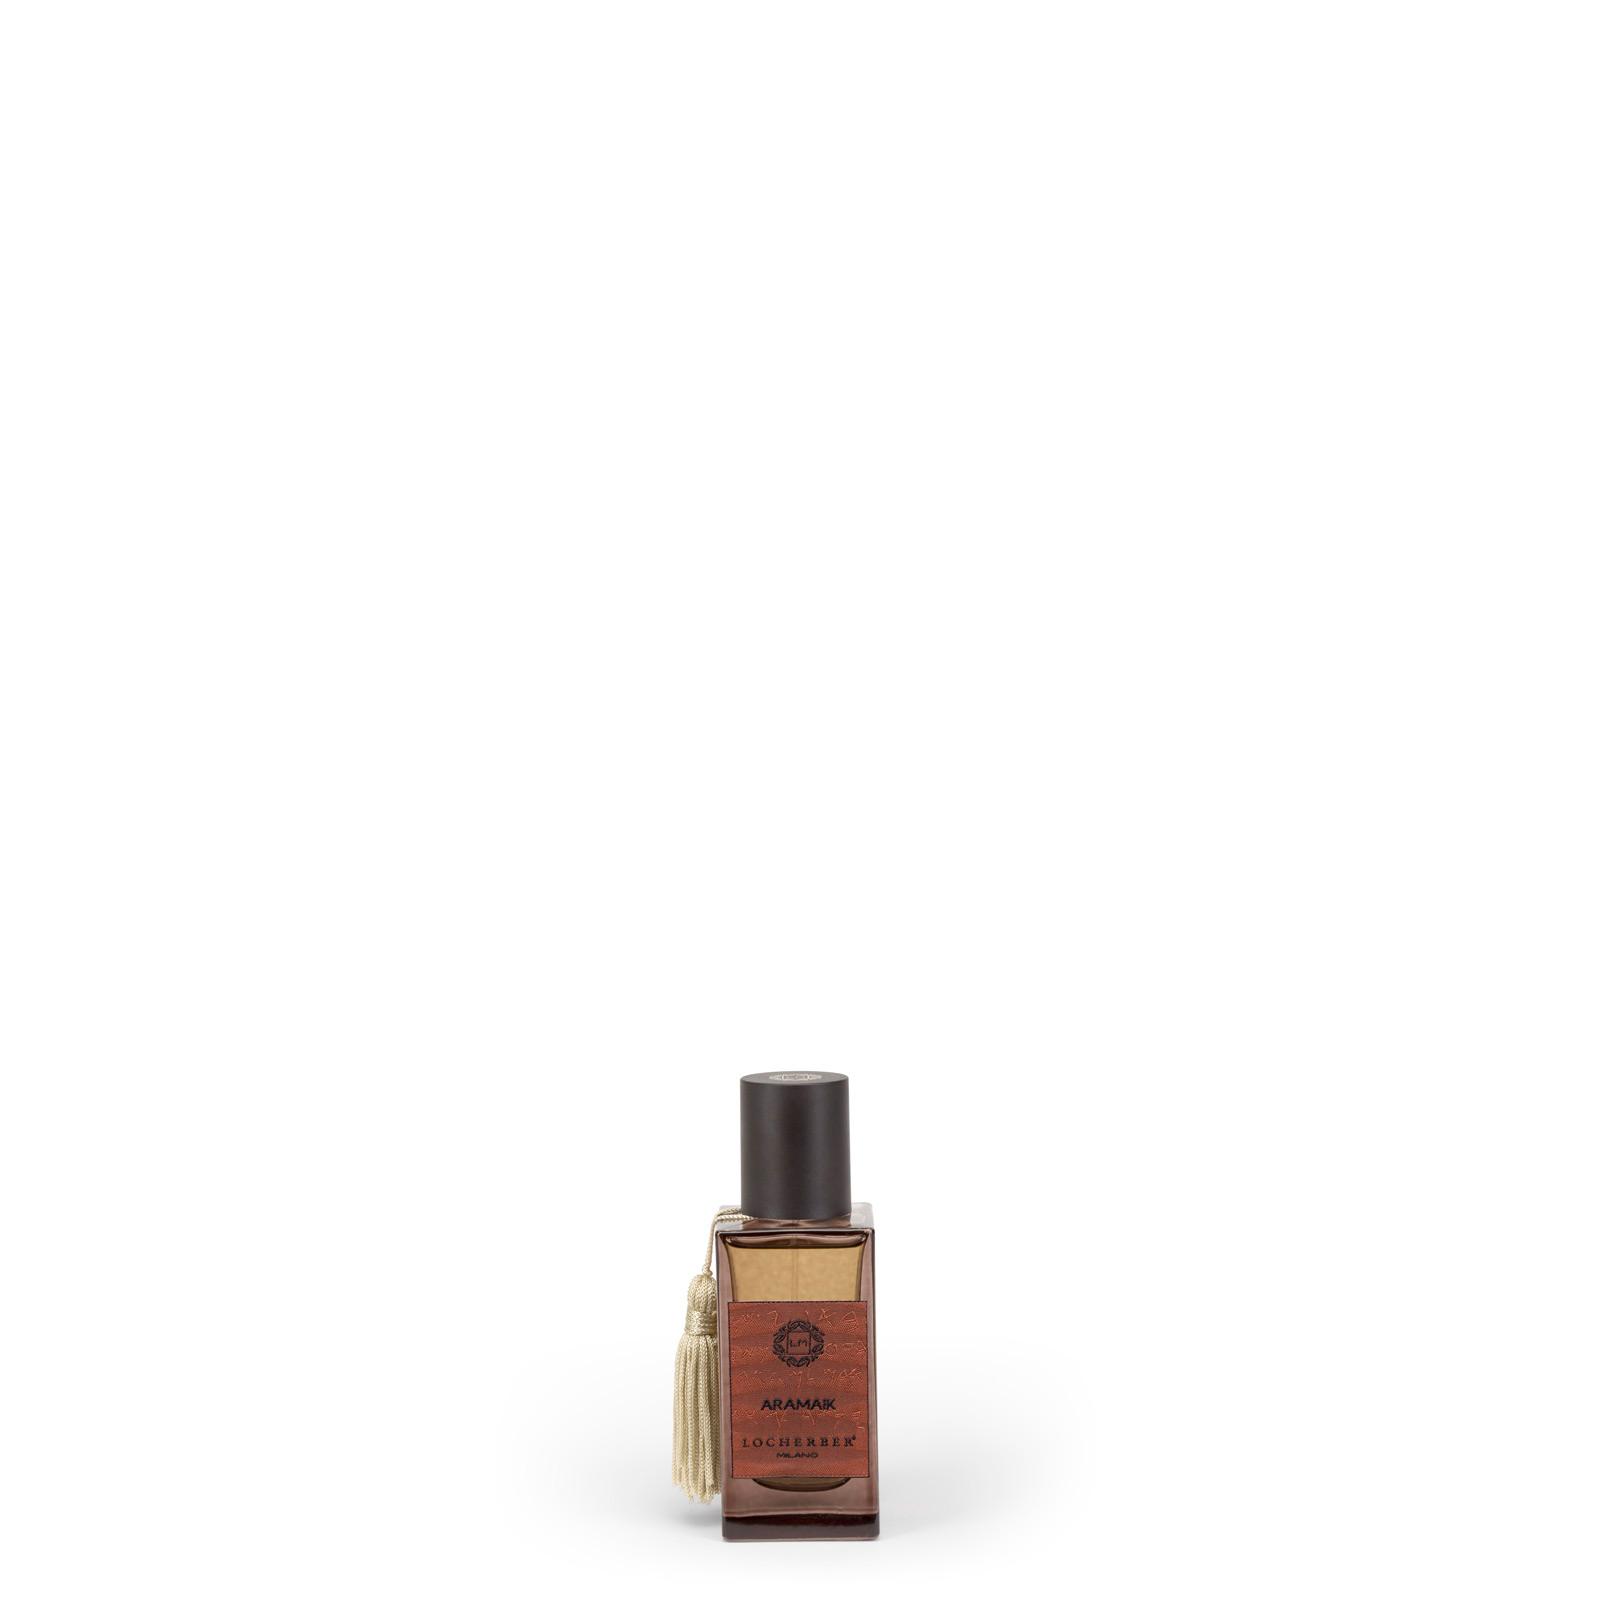 Locherber Milano - Aramaik - Eau de Parfum 50 ml